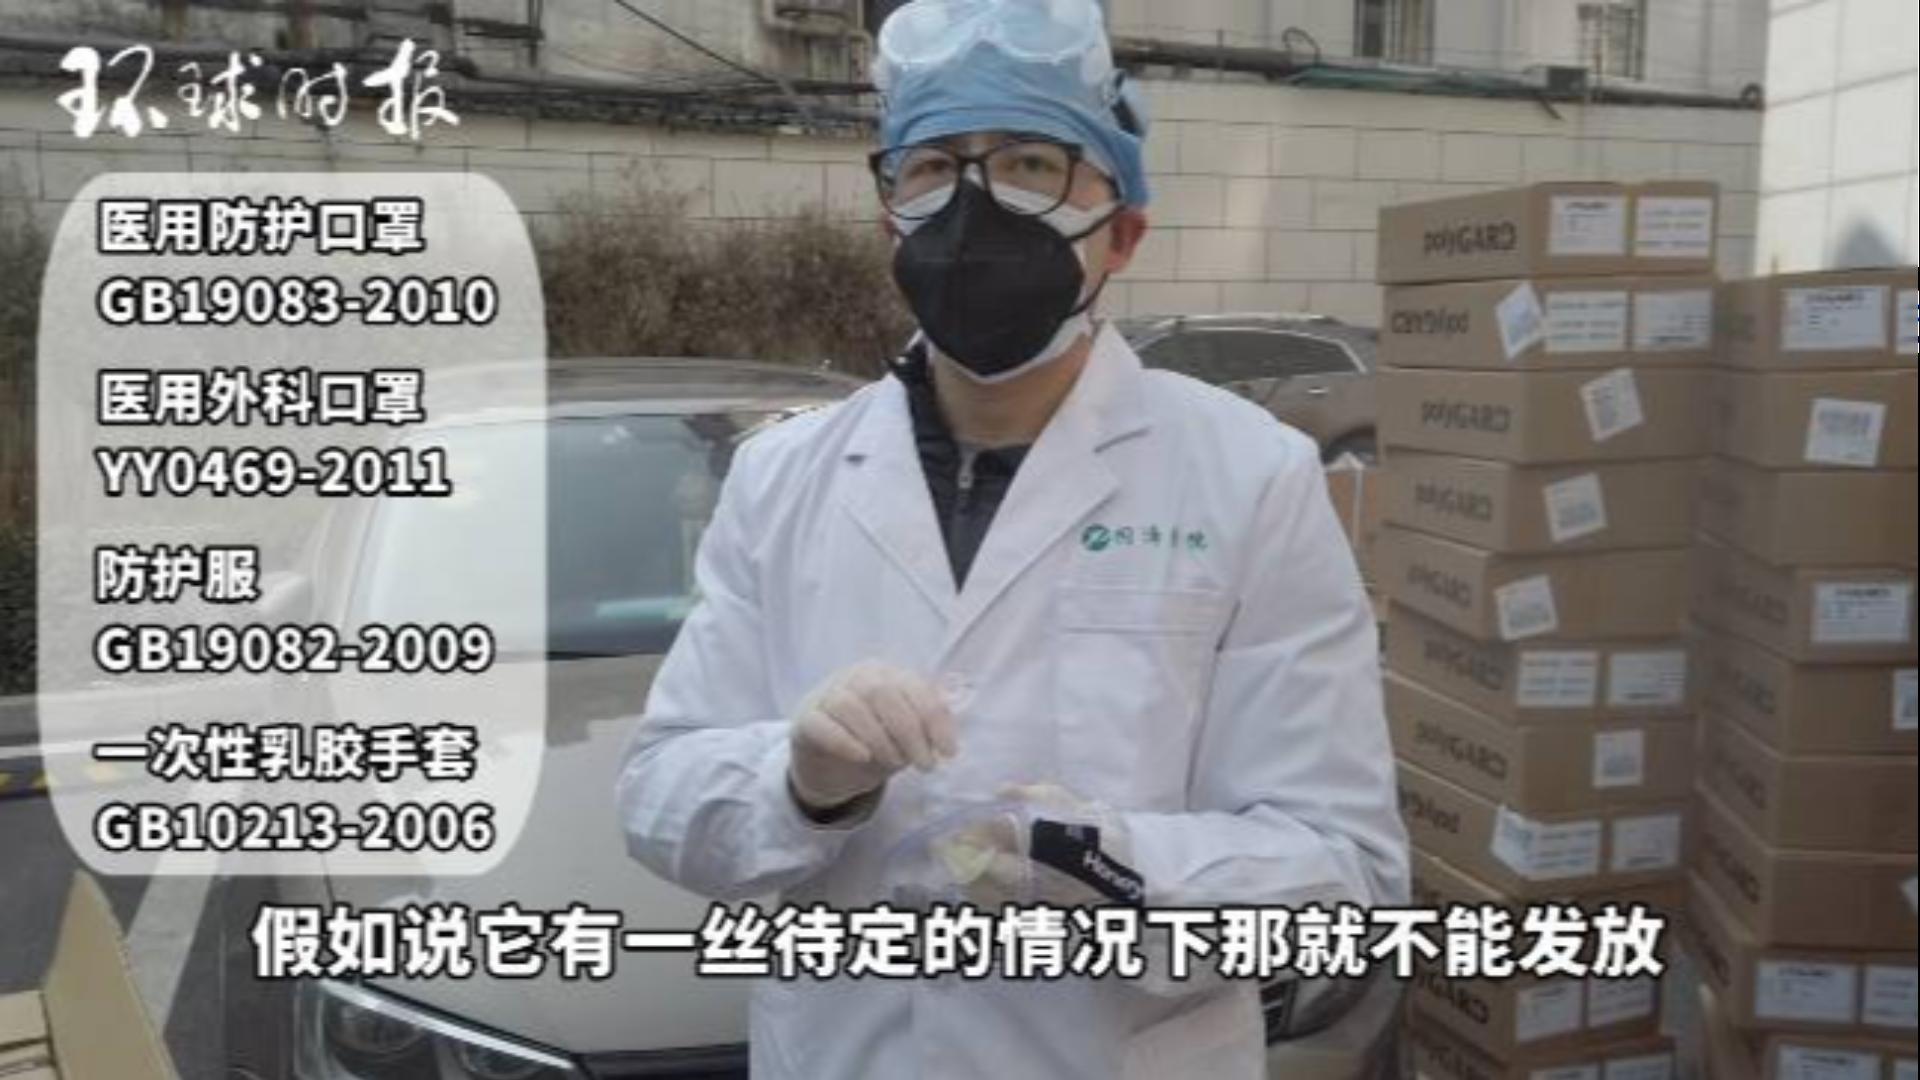 武汉同济医院医务工作者:感谢捐赠,认清标准,以免浪费